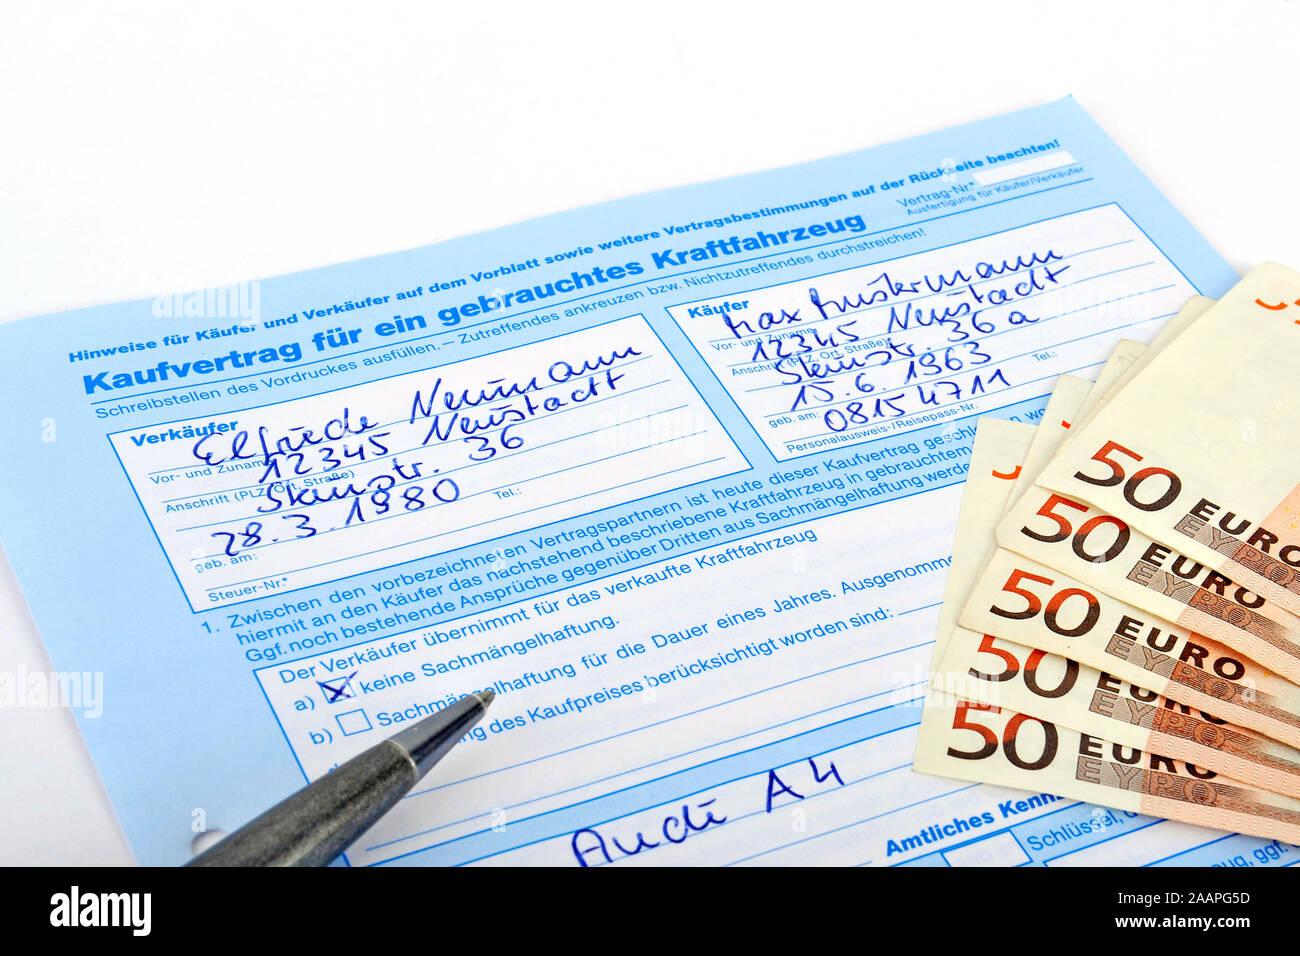 Kaufvertrag für ein gebrauchtes Fahrzeug, Auto Stock Photo